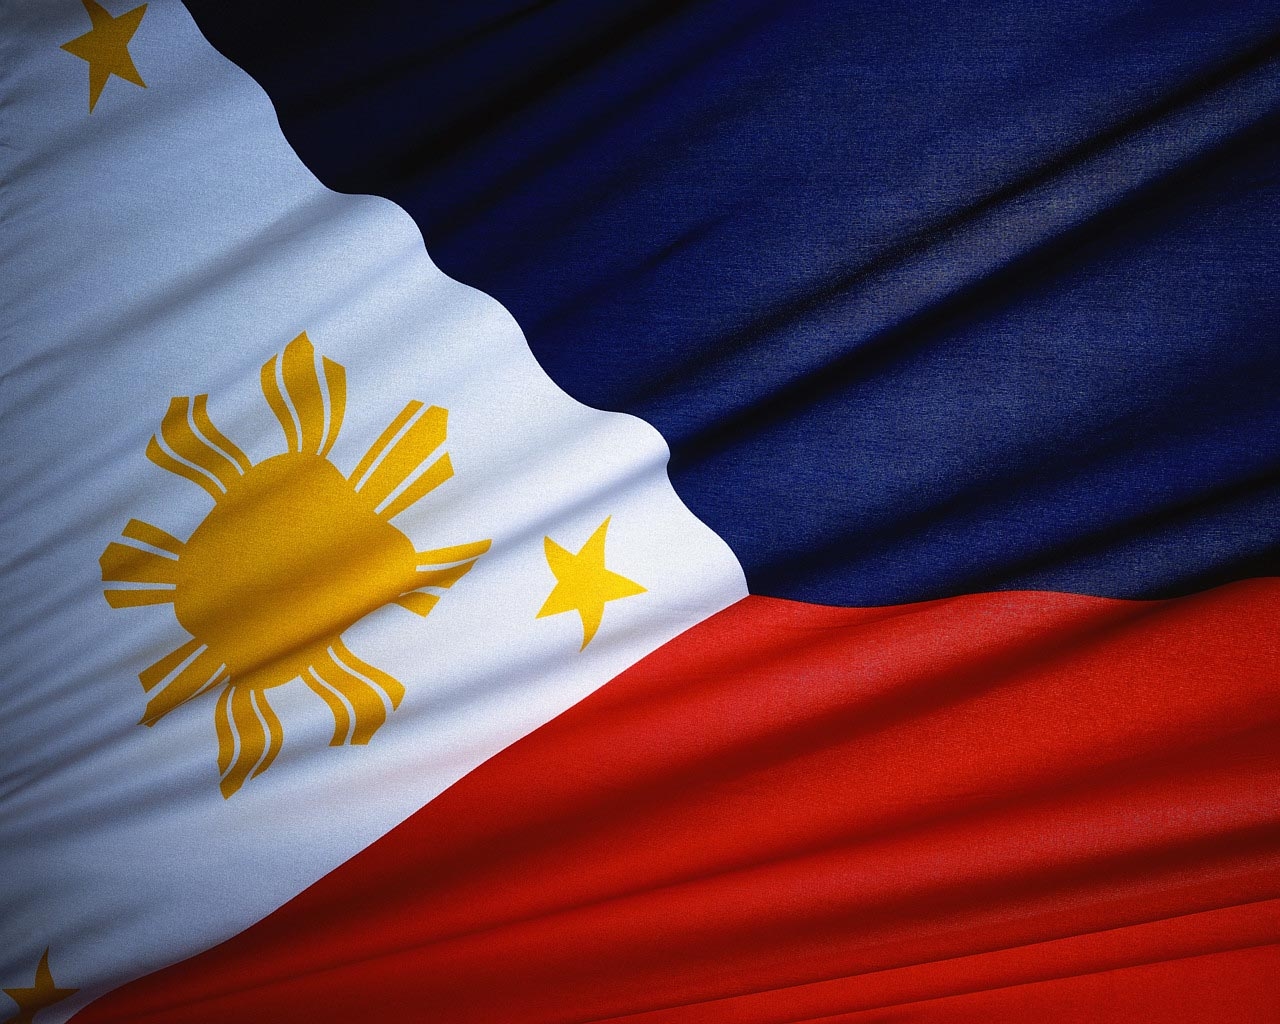 http://4.bp.blogspot.com/-Xf2HlYL3w5E/TcdXqnPGxVI/AAAAAAAAAtw/E09knGtFrX8/s1600/Wallpaper+of+Philiphine+Flag+%252821%2529.jpg